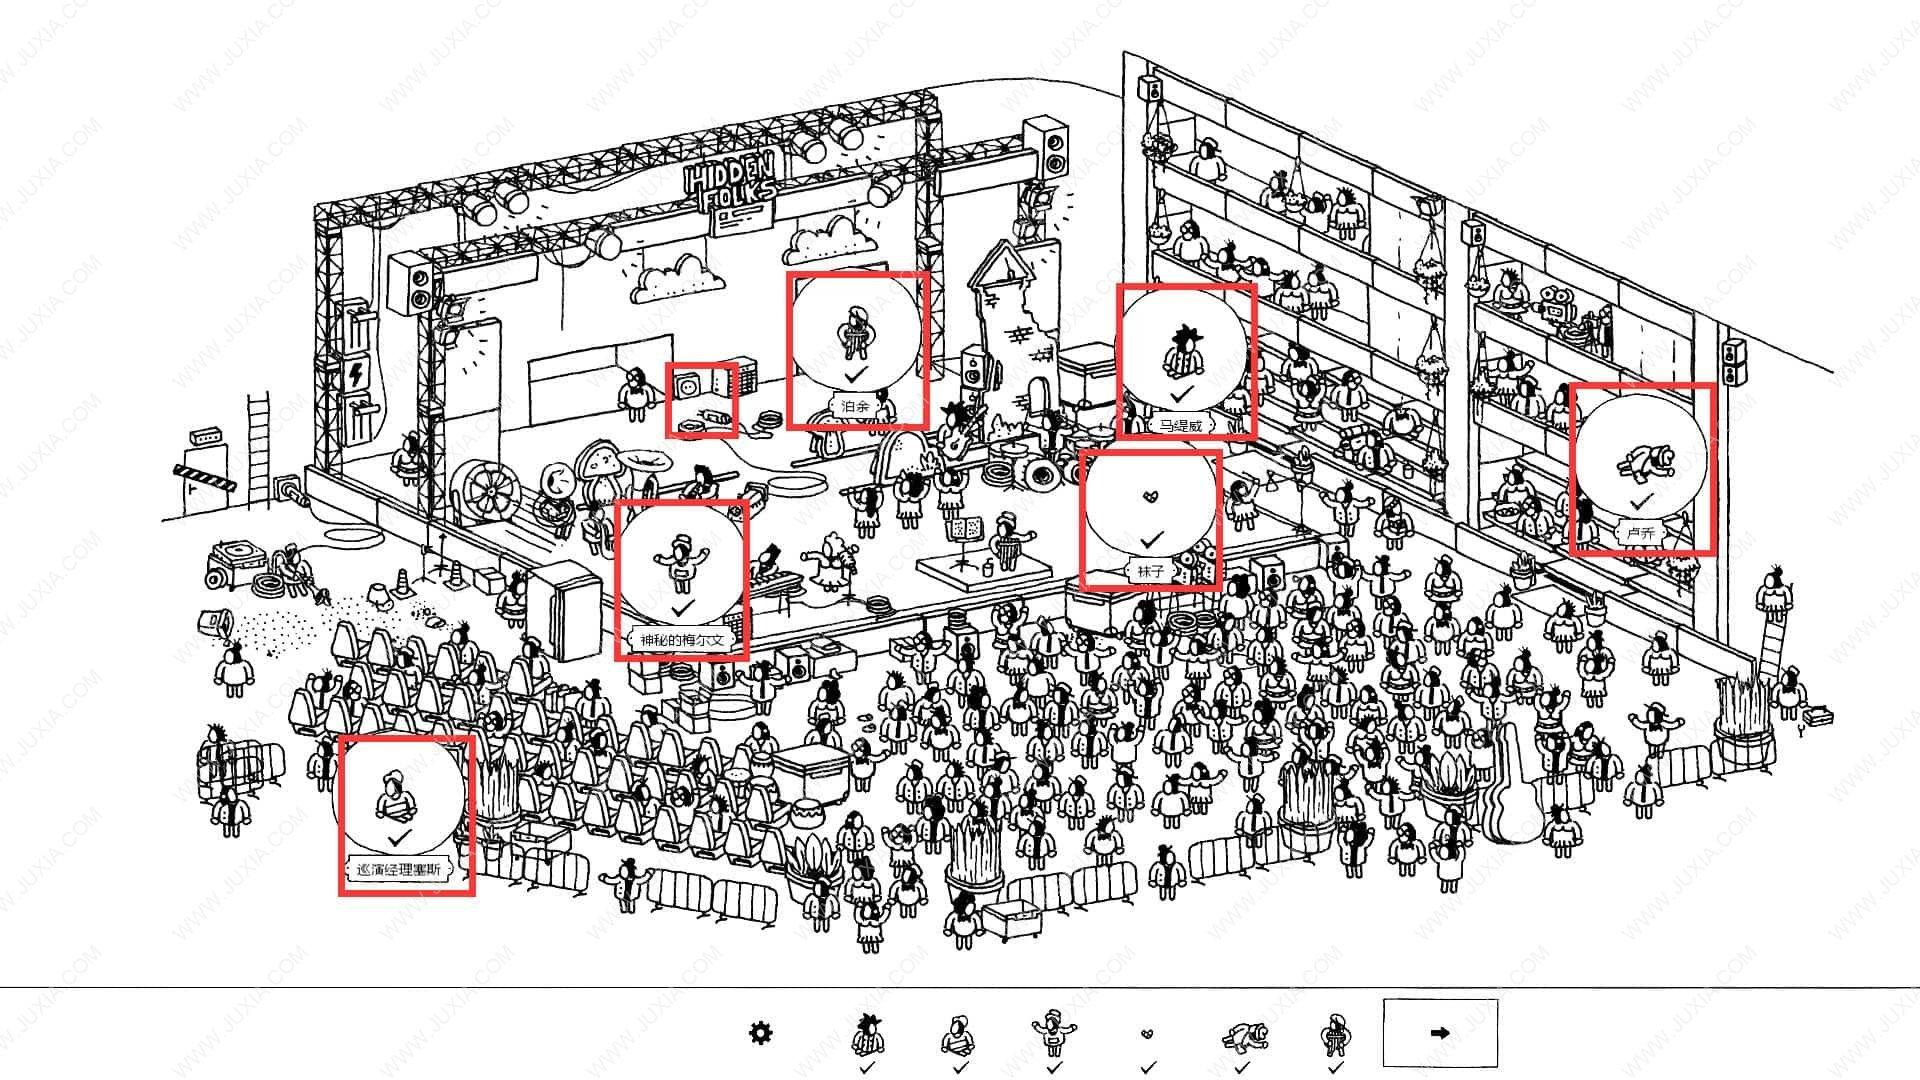 隐藏的家伙攻略巡回演出第3关 HiddenFolks图文攻略巡回演出第三关